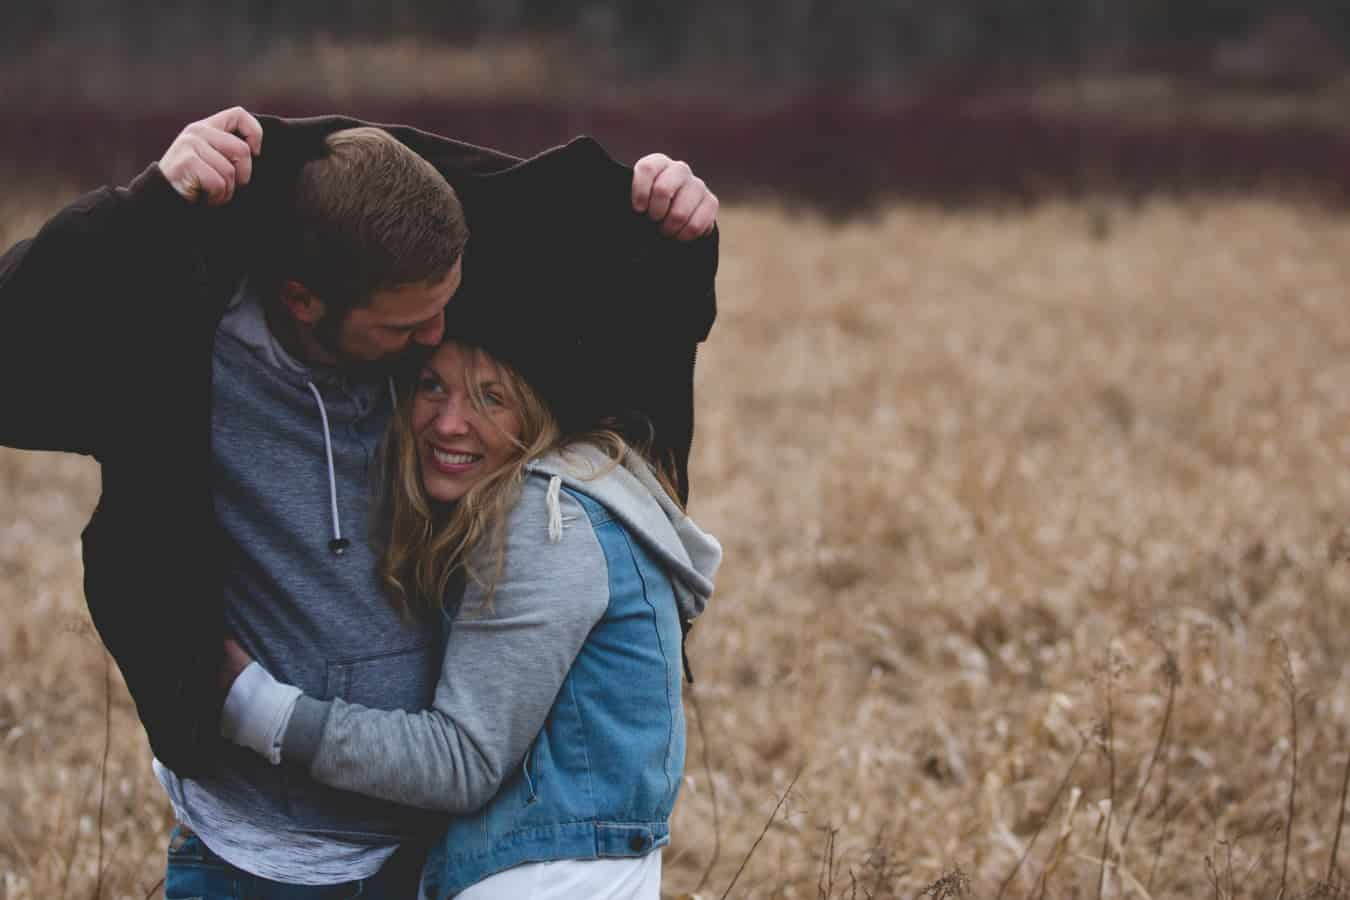 sukurkite internetinę pažinčių svetainę cheating sutuoktinė dating website